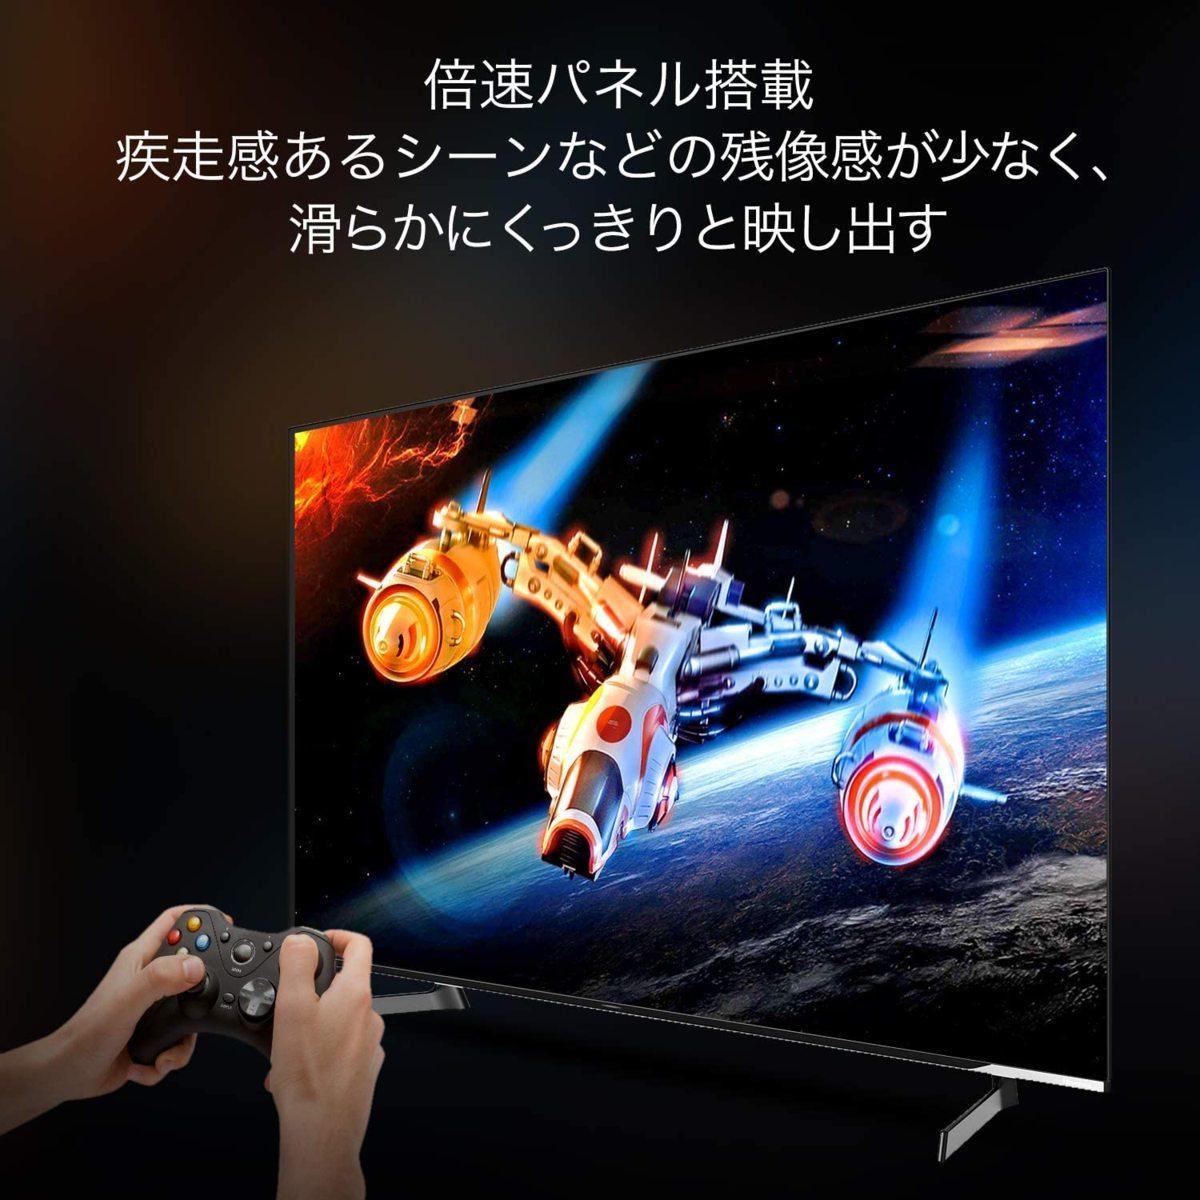 ハイセンス 55V型 4Kチューナー内蔵 有機ELテレビ 55X8F 無線LAN/Eilex PRISM/DOLBY AUDIO/YouTube/Amazonプライム/Netflix 2021/1~3年保証_画像8